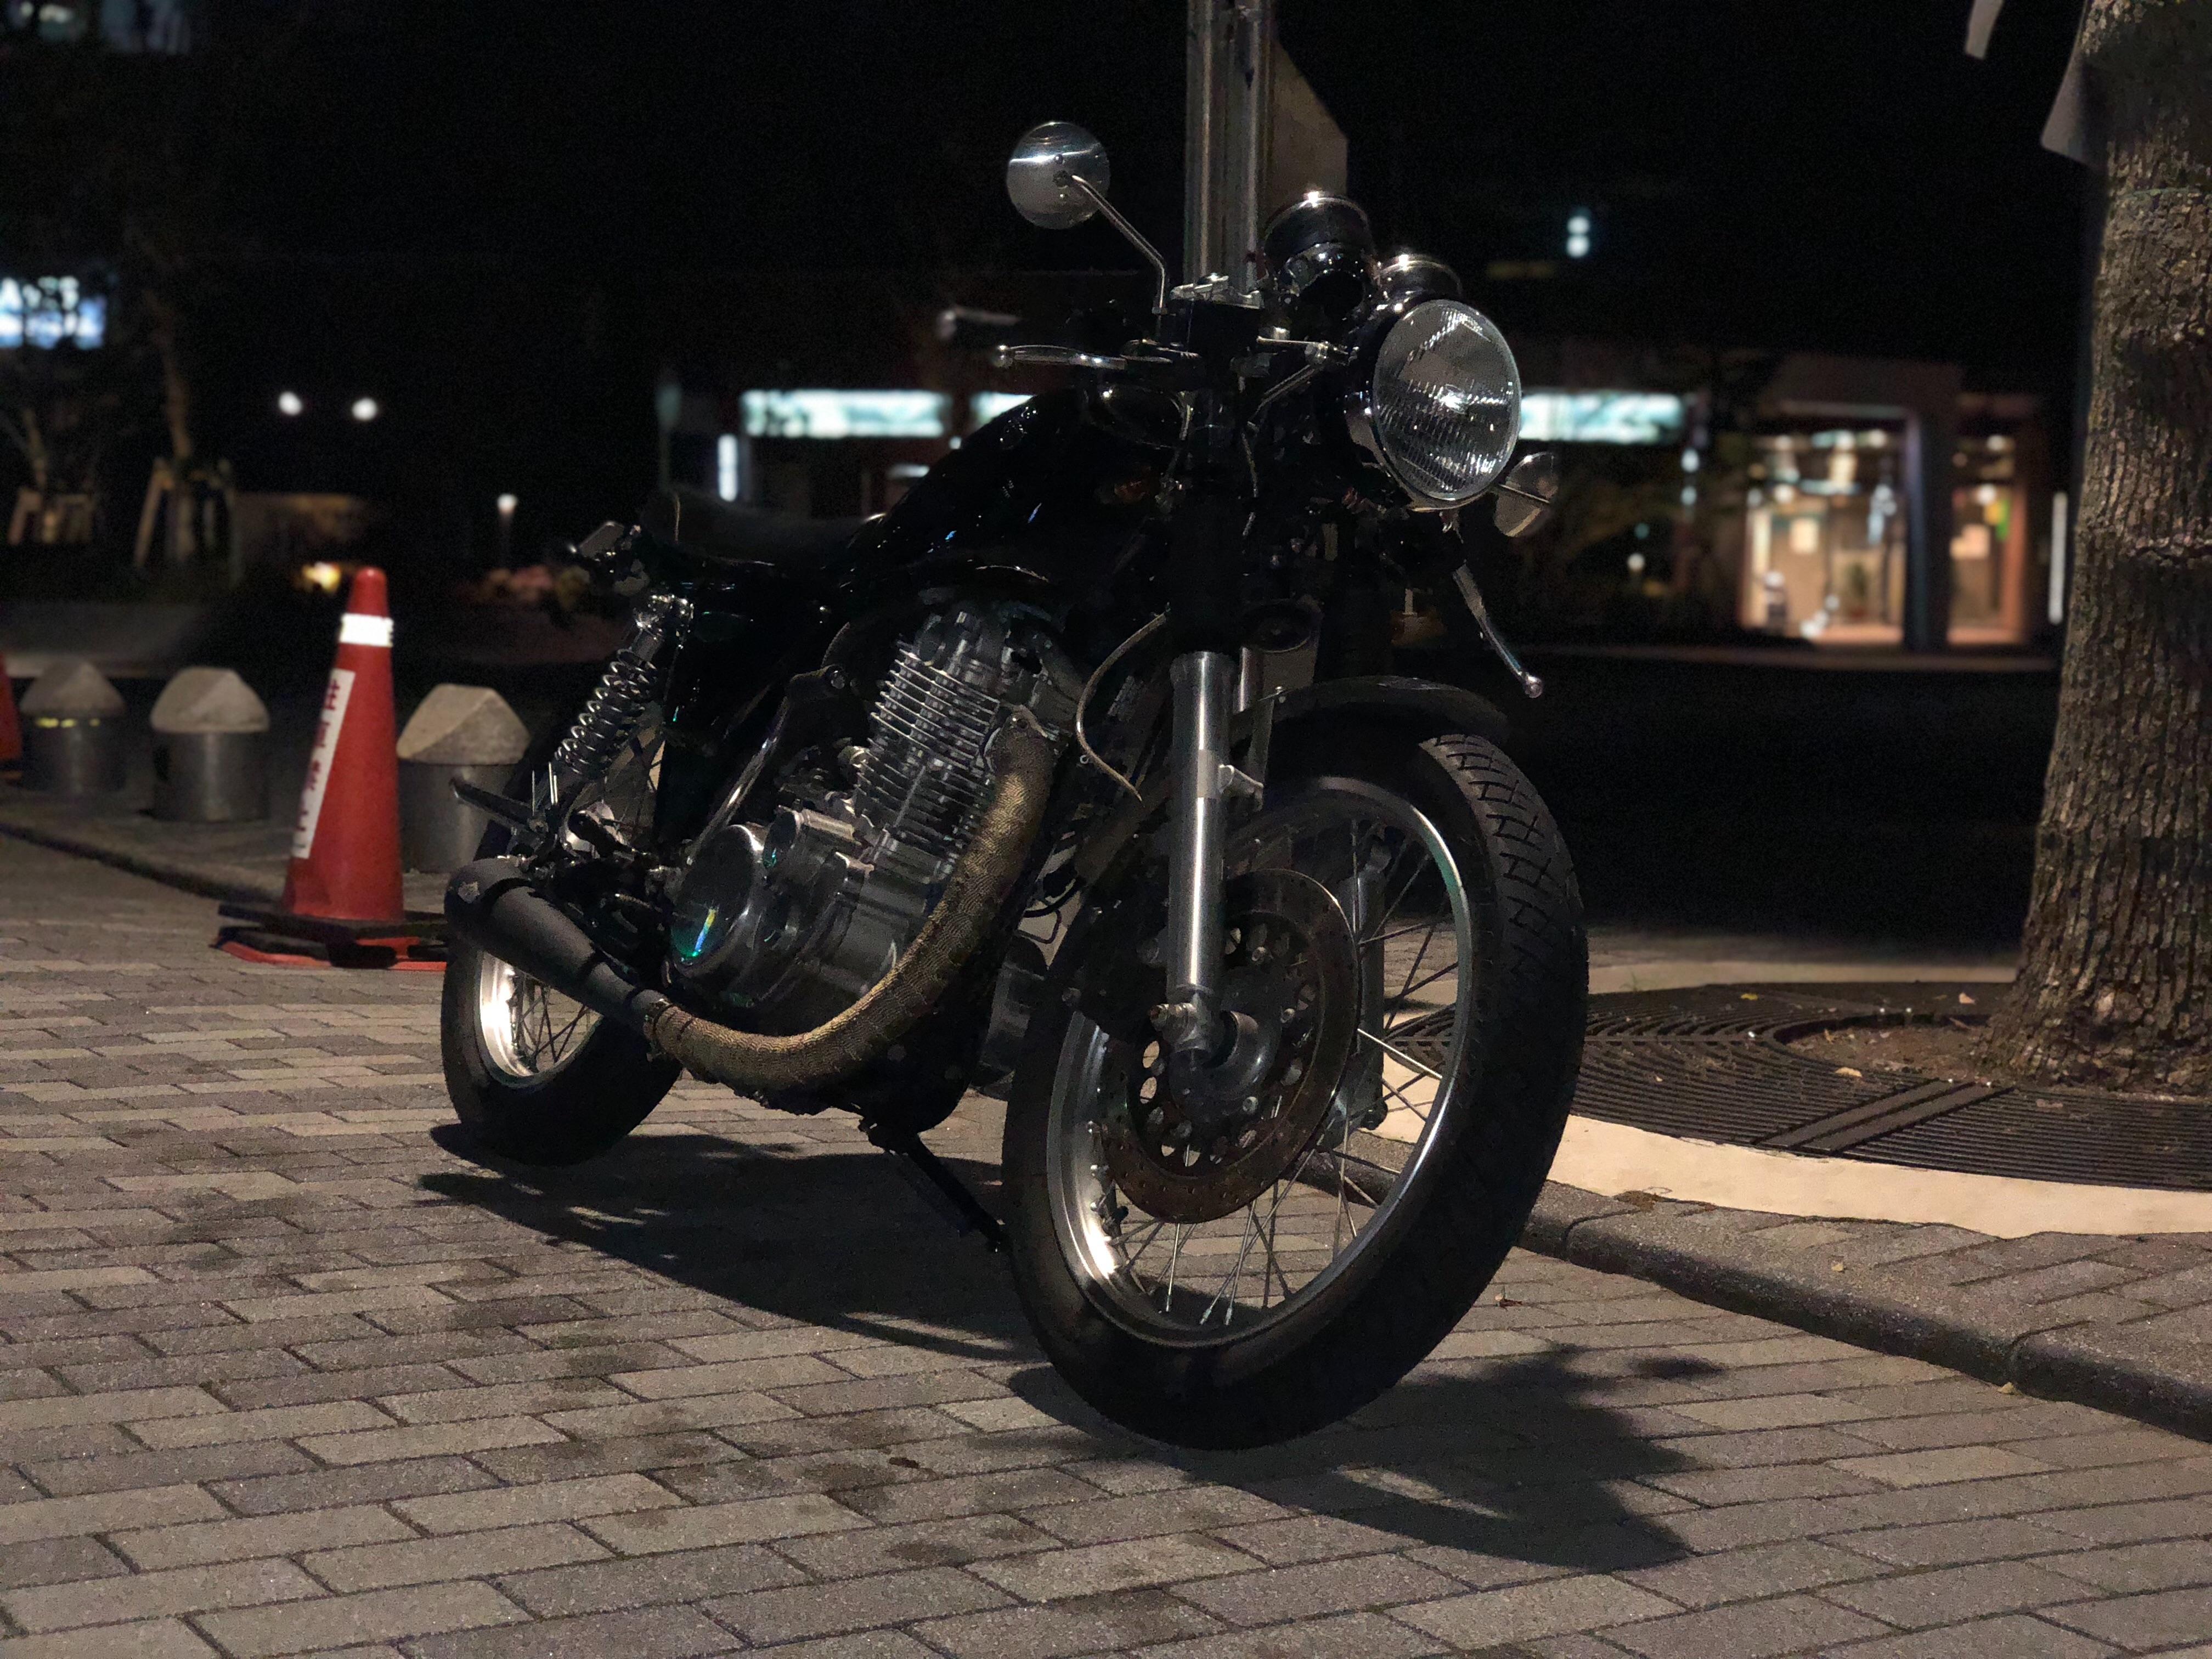 f:id:yukiaveiro:20181108224738j:image